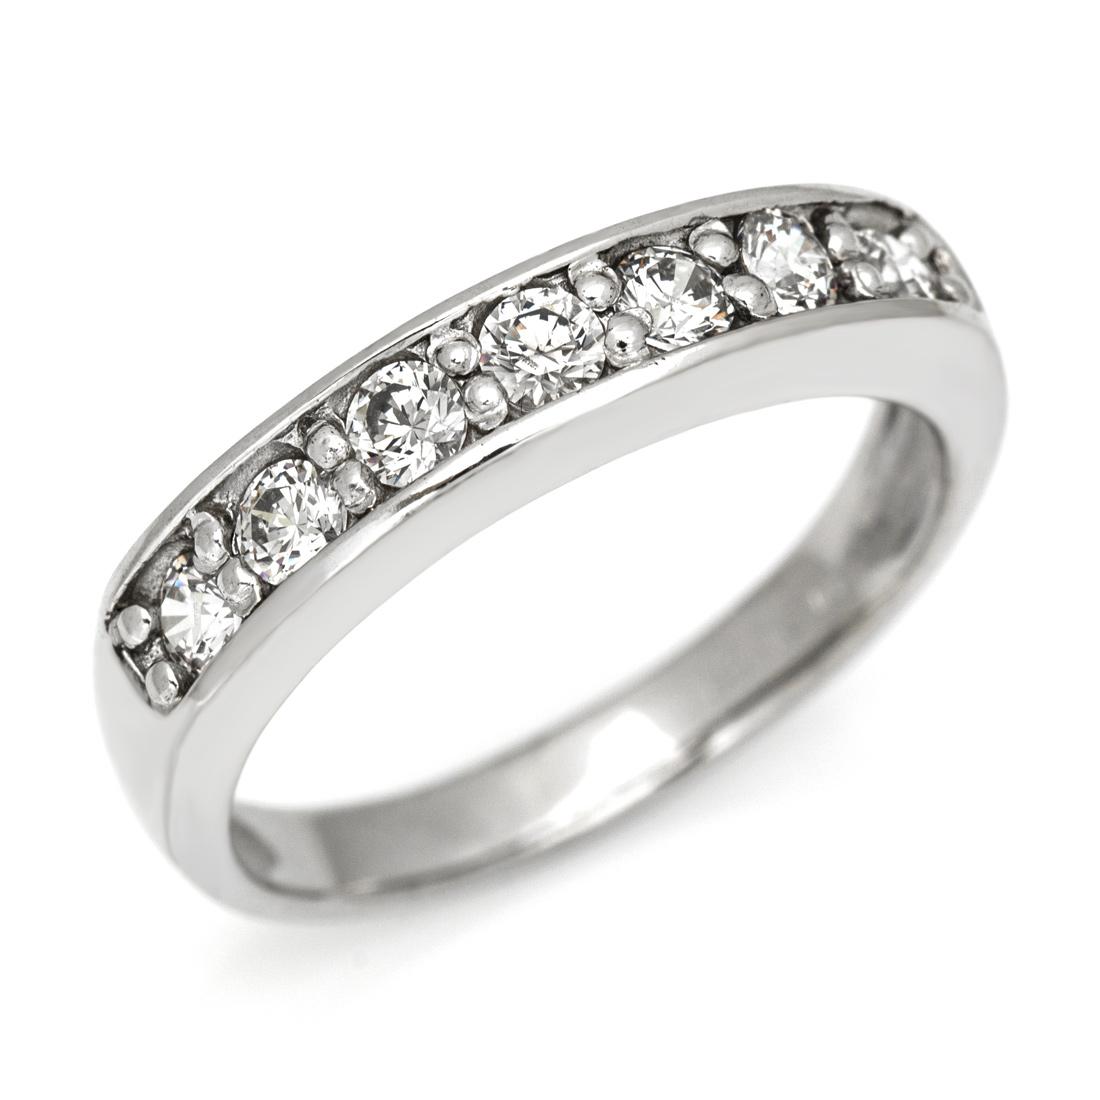 【GWクーポン配布中】リング ダイヤモンド 0.7カラット プラチナ900 送料無料